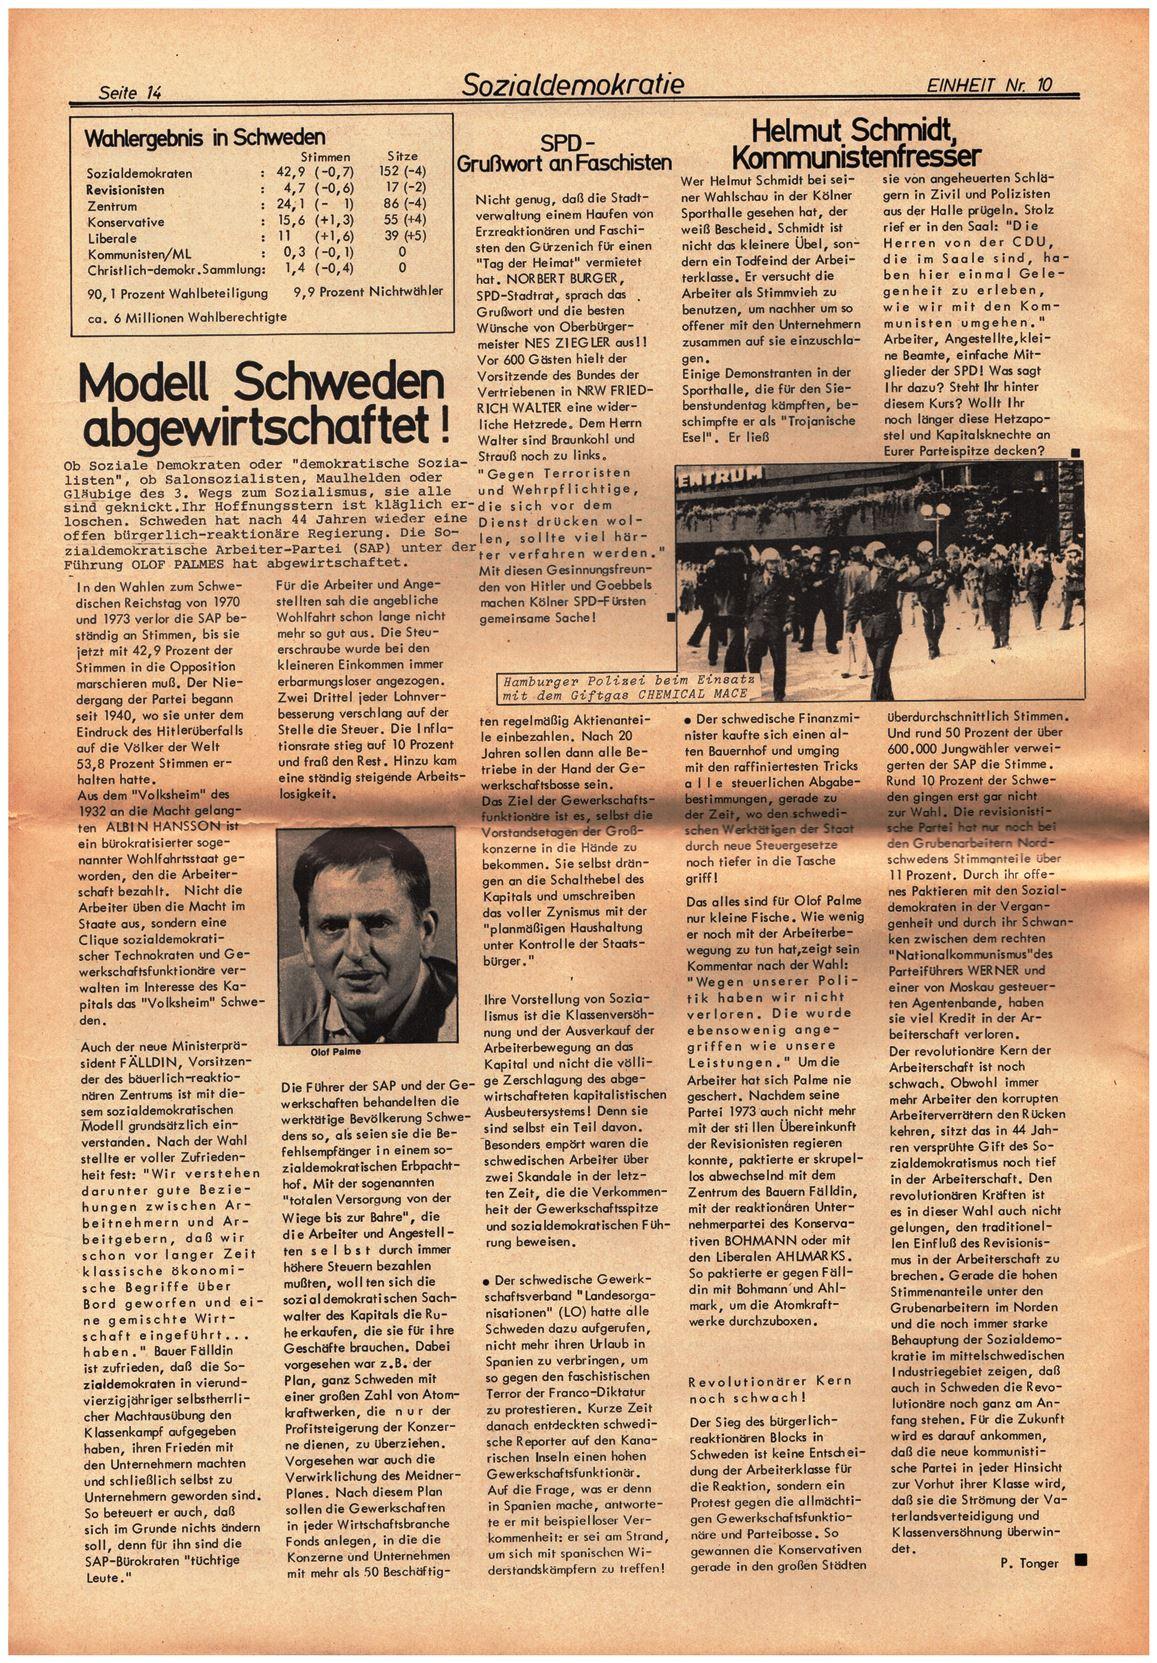 Koeln_IPdA_Einheit_1976_009_024